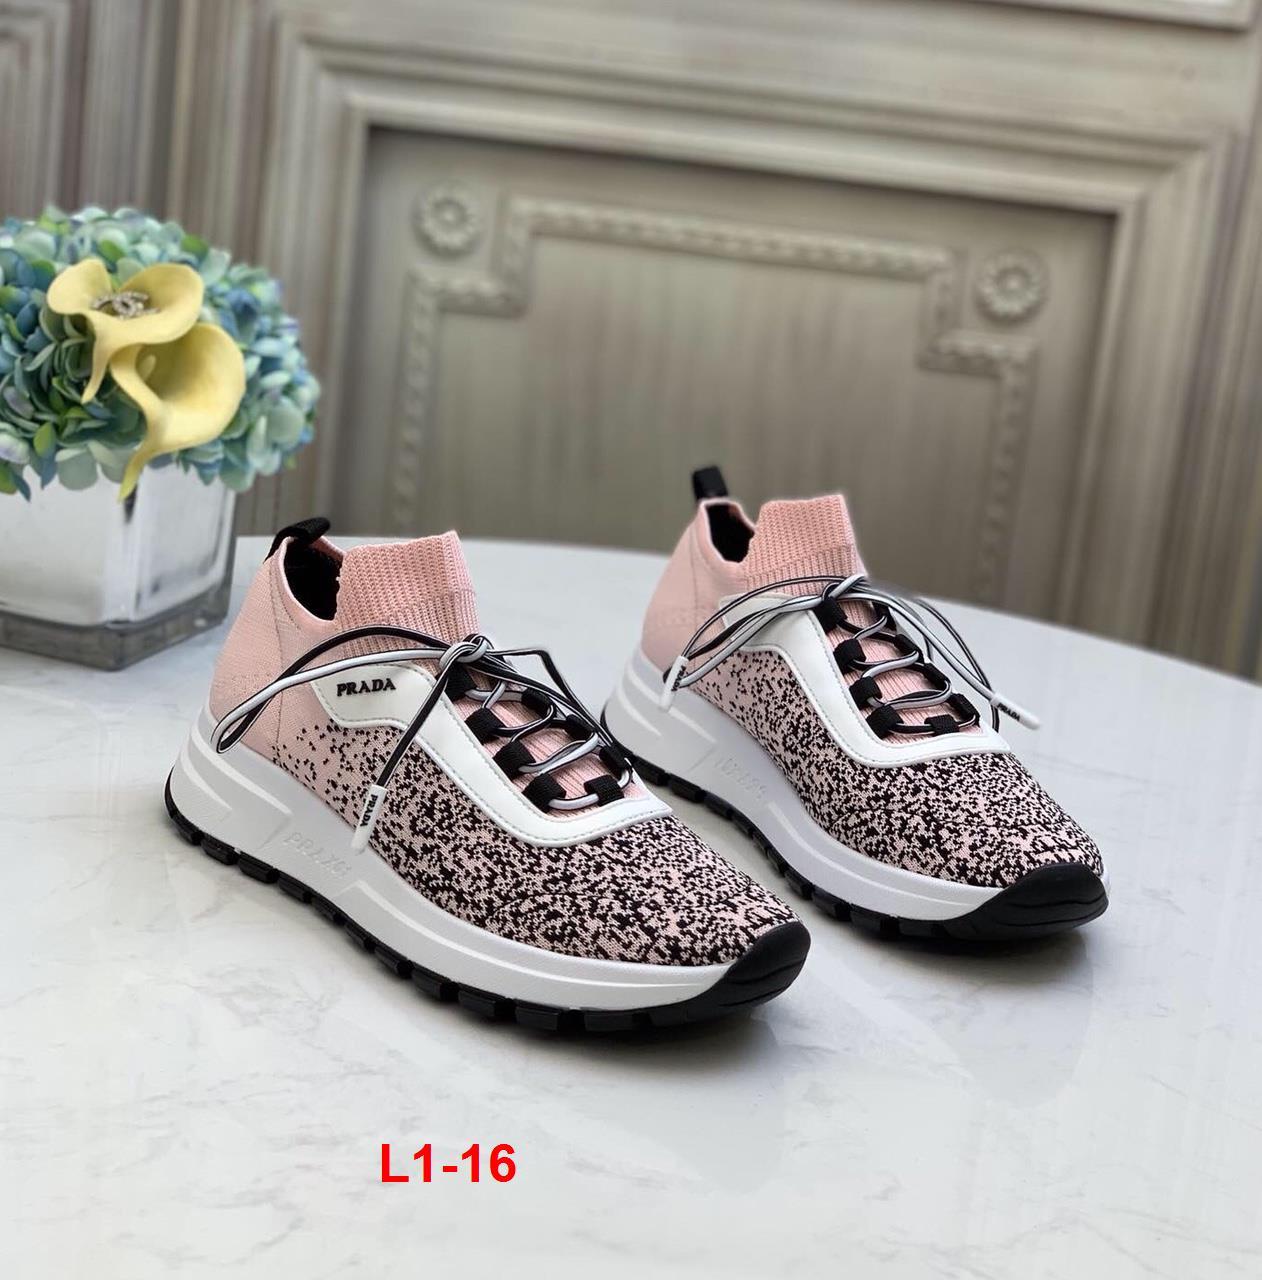 L1-16 Prada giày thể thao siêu cấp